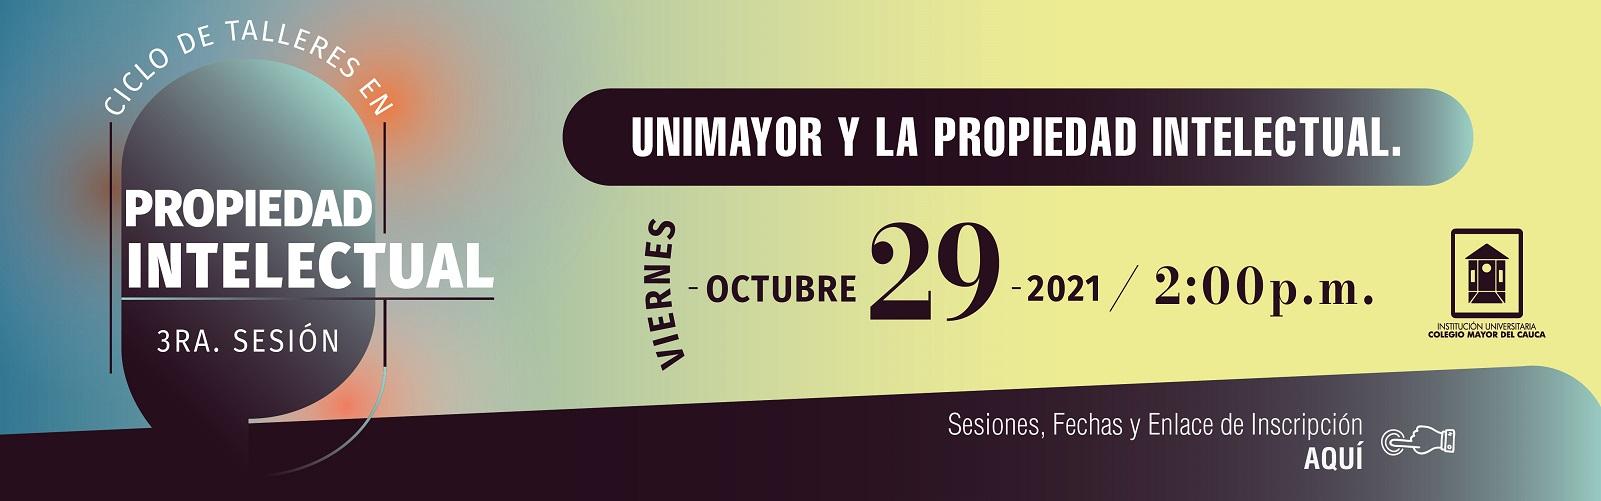 Banner_3ra_Sesion_Propiedad_Intelectual